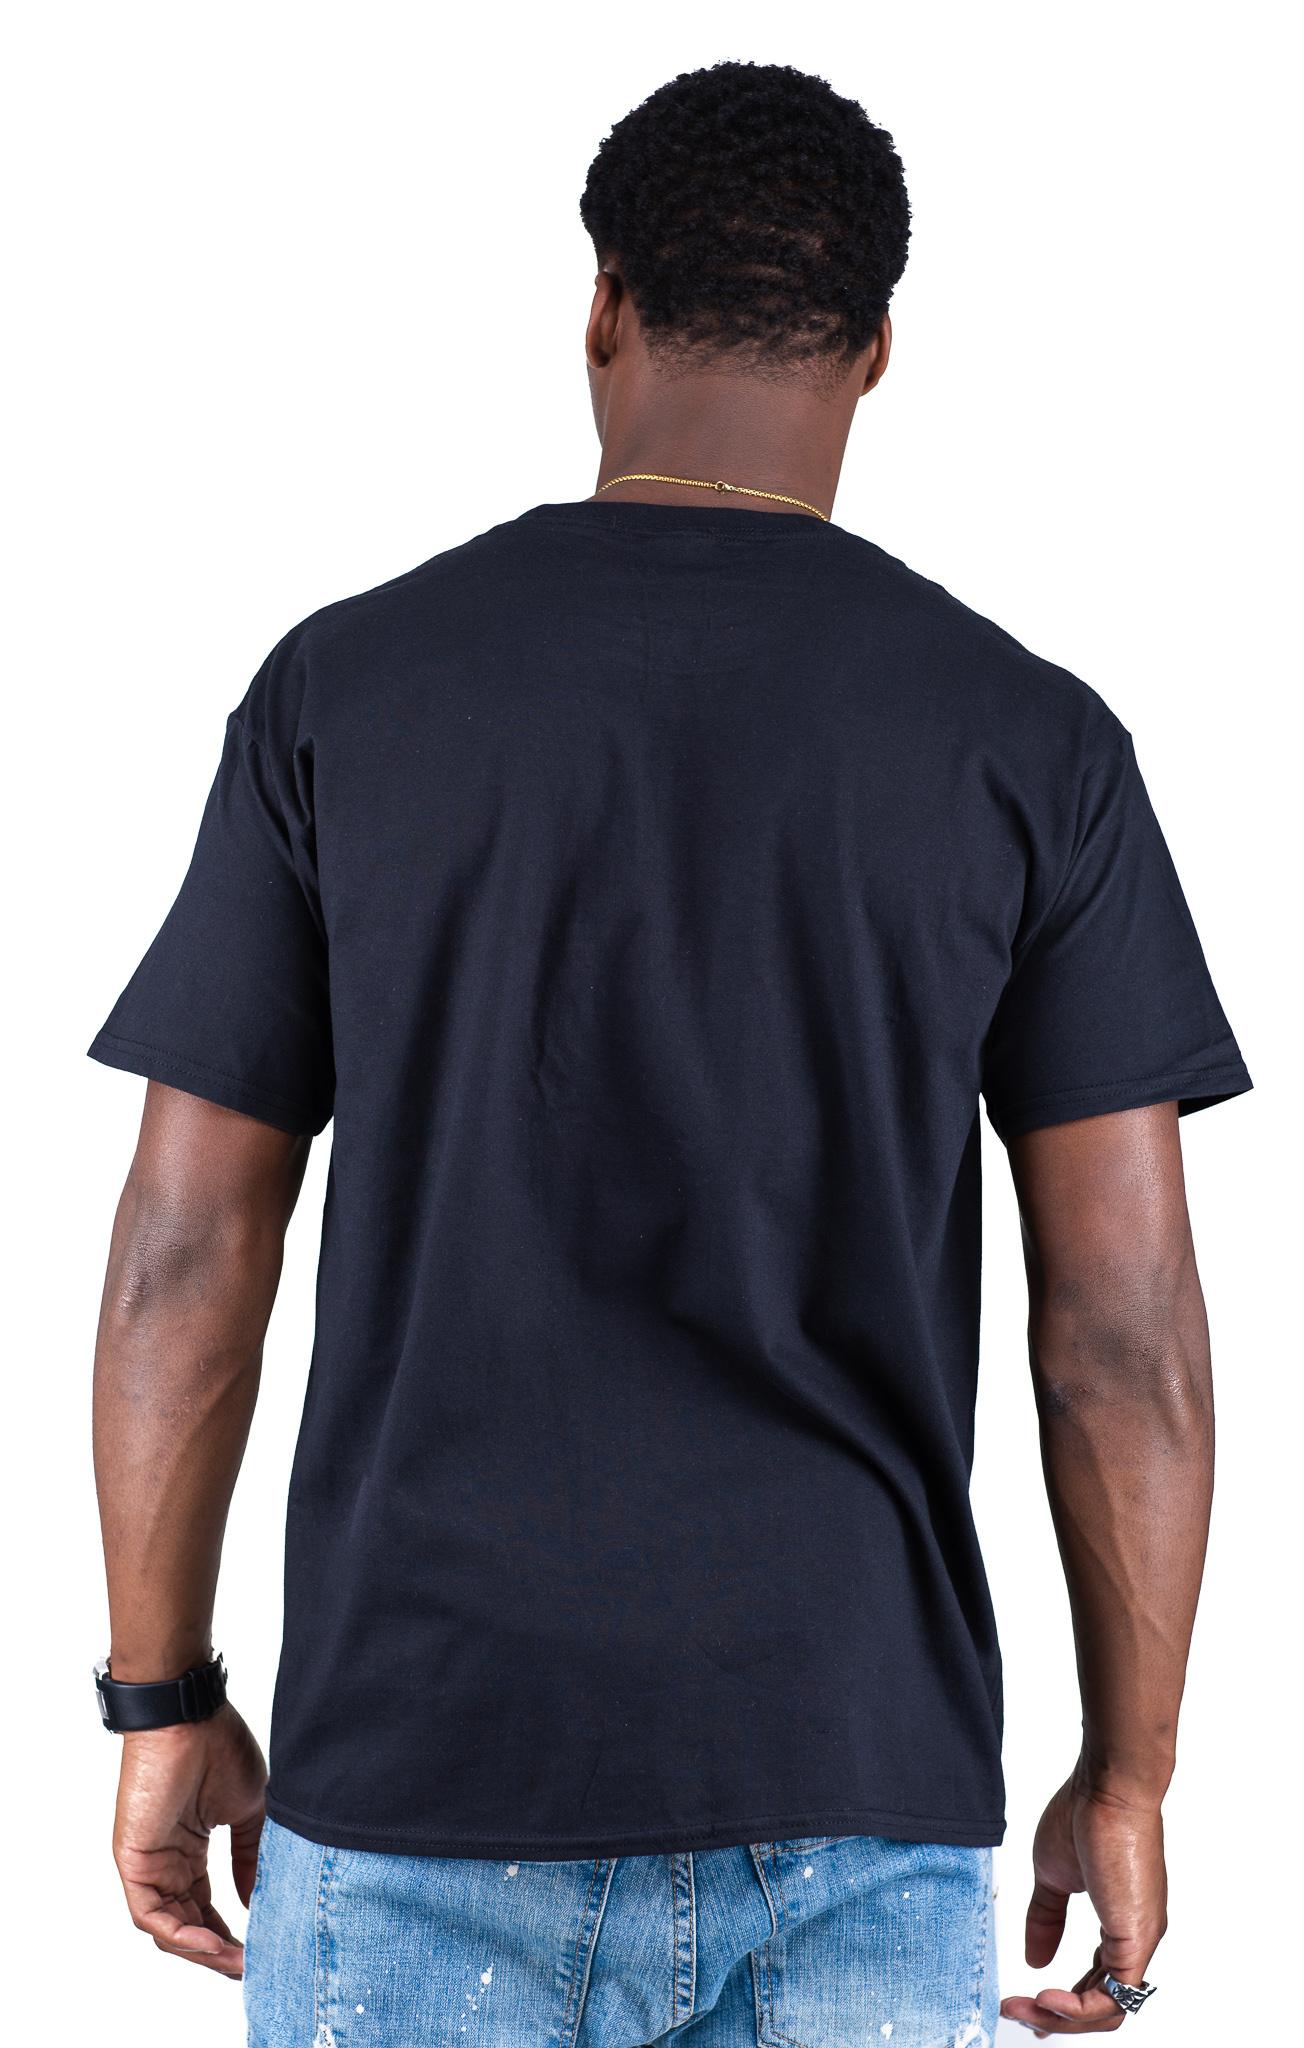 Jaza Fashion Jaza Fashion Herren T-Shirt in Black